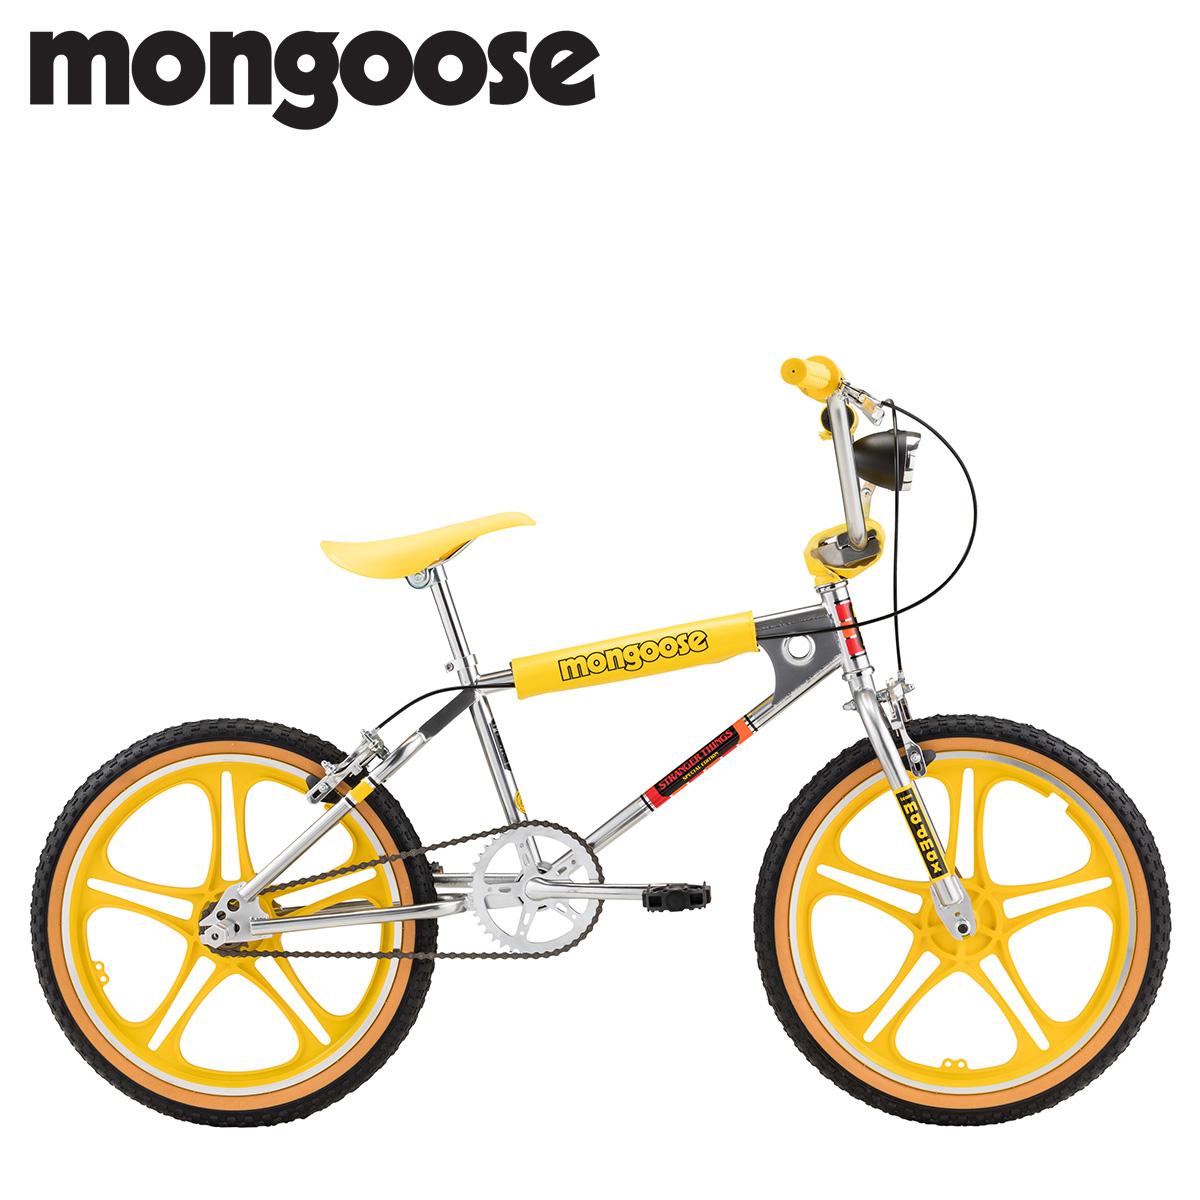 マングース Mongoose ストレンジャー シングス マックス BMX 自転車 20インチ 子供用 キッズ ストリート フリースタイル STRANGER THINGS MAX イエロー R0995WMDS [2/14 新入荷]